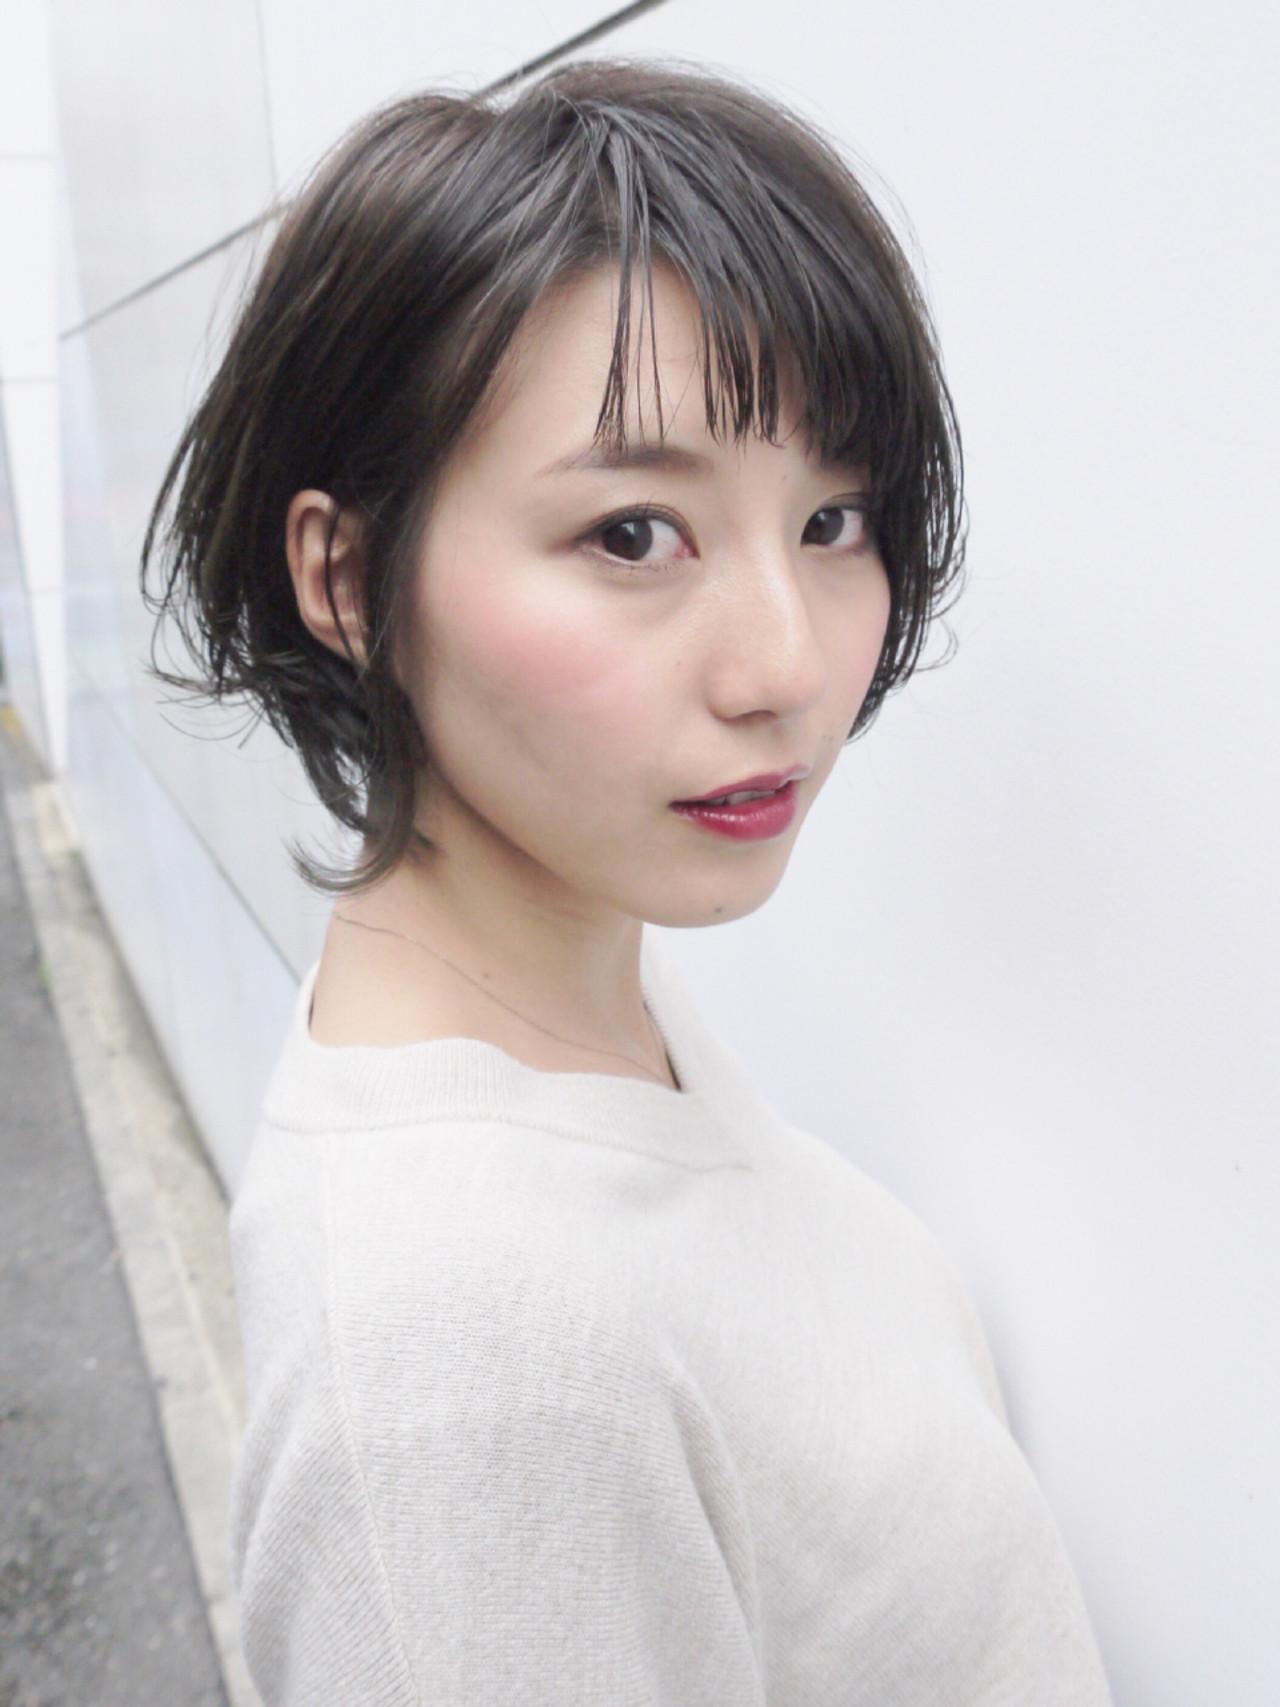 耳かけアレンジで色気をまとう大人スタイル! Hiroki Sakuma【morio原宿】